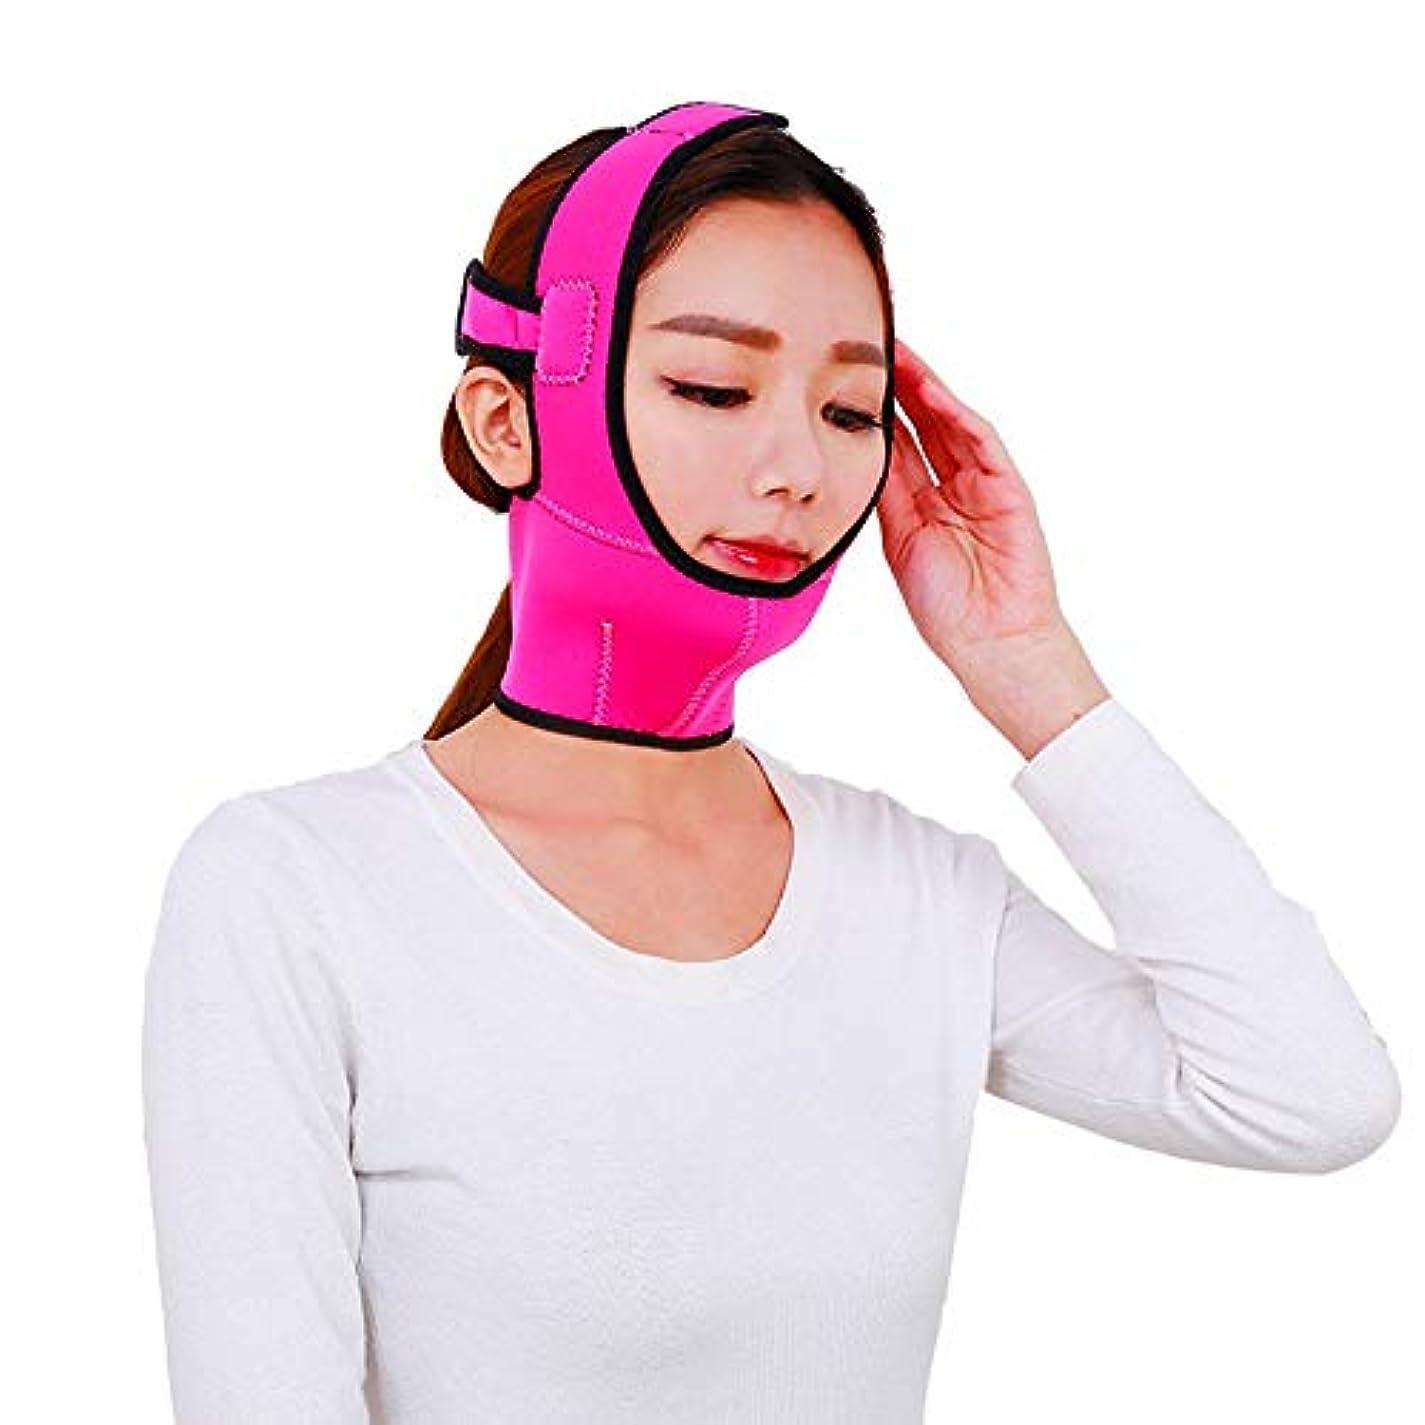 させる拒否知覚的GYZ フェイシャルリフティング痩身ベルト - 薄いフェイス包帯フェイスマスクベルトフリーフェイシャルマッサージ整形マスクダブルチンワークアウト Thin Face Belt